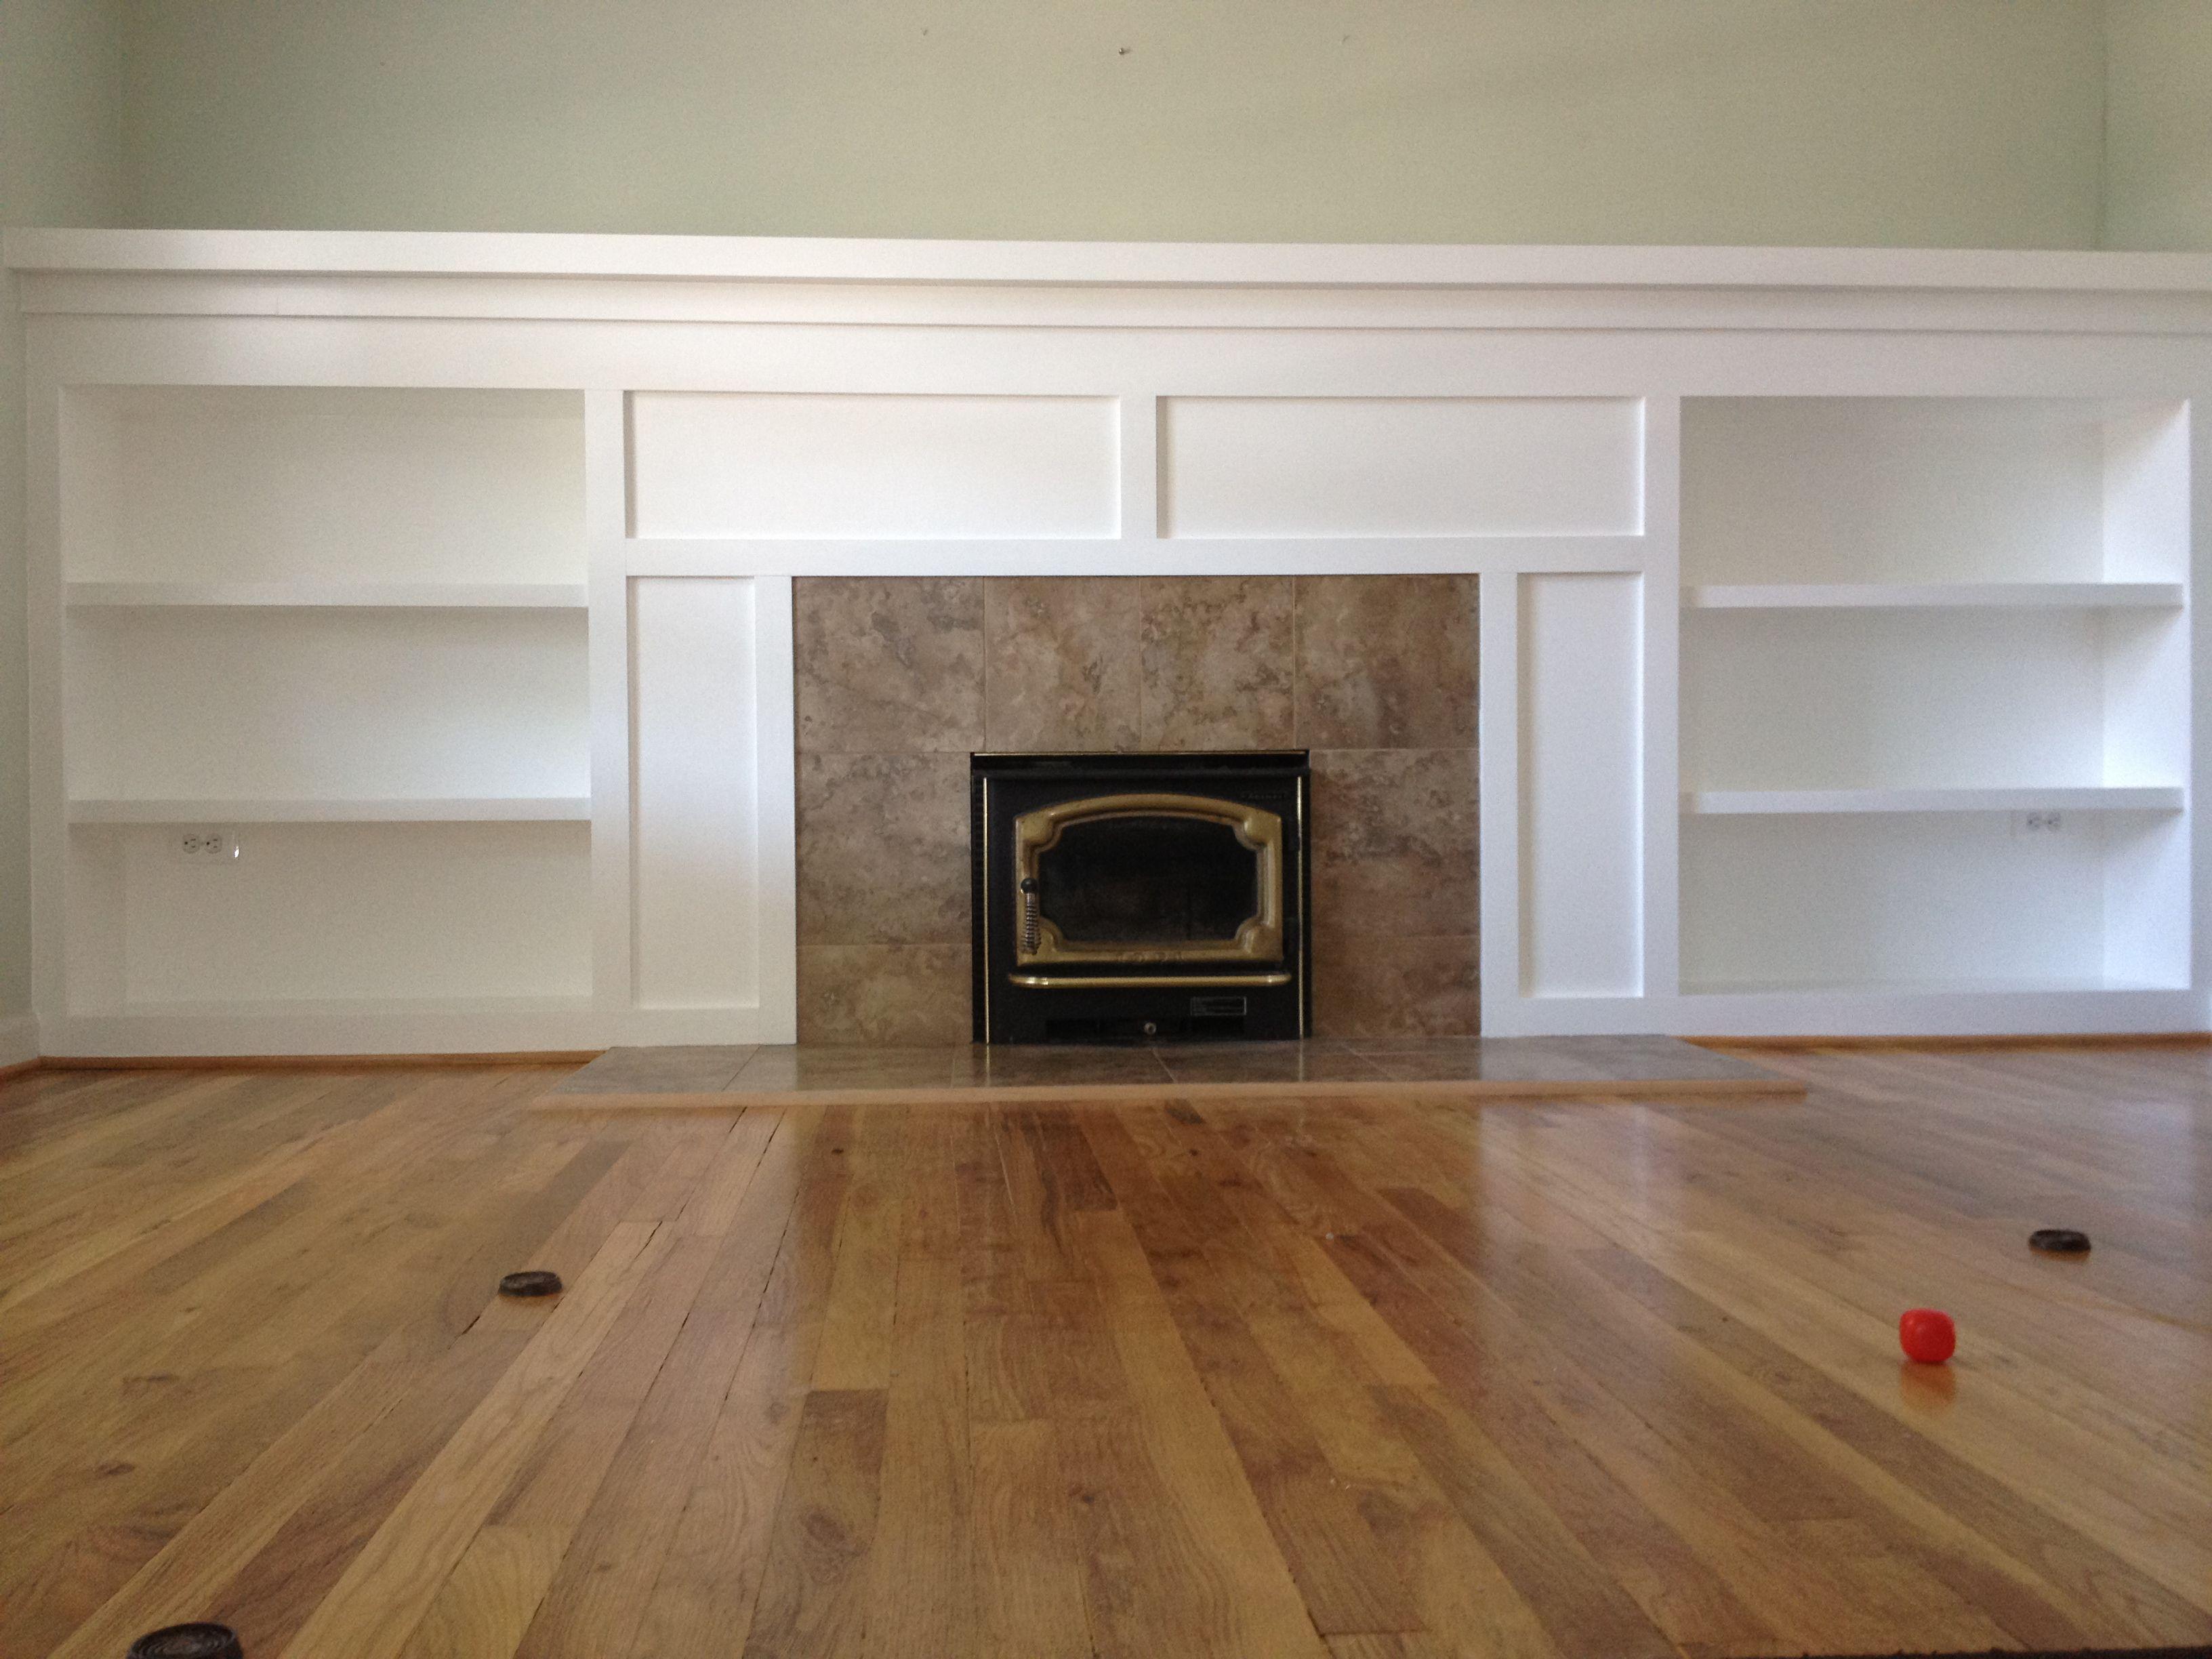 Half Wall Built Ins Fireplace Remodel Remodel Bedroom Master Bedroom Remodel